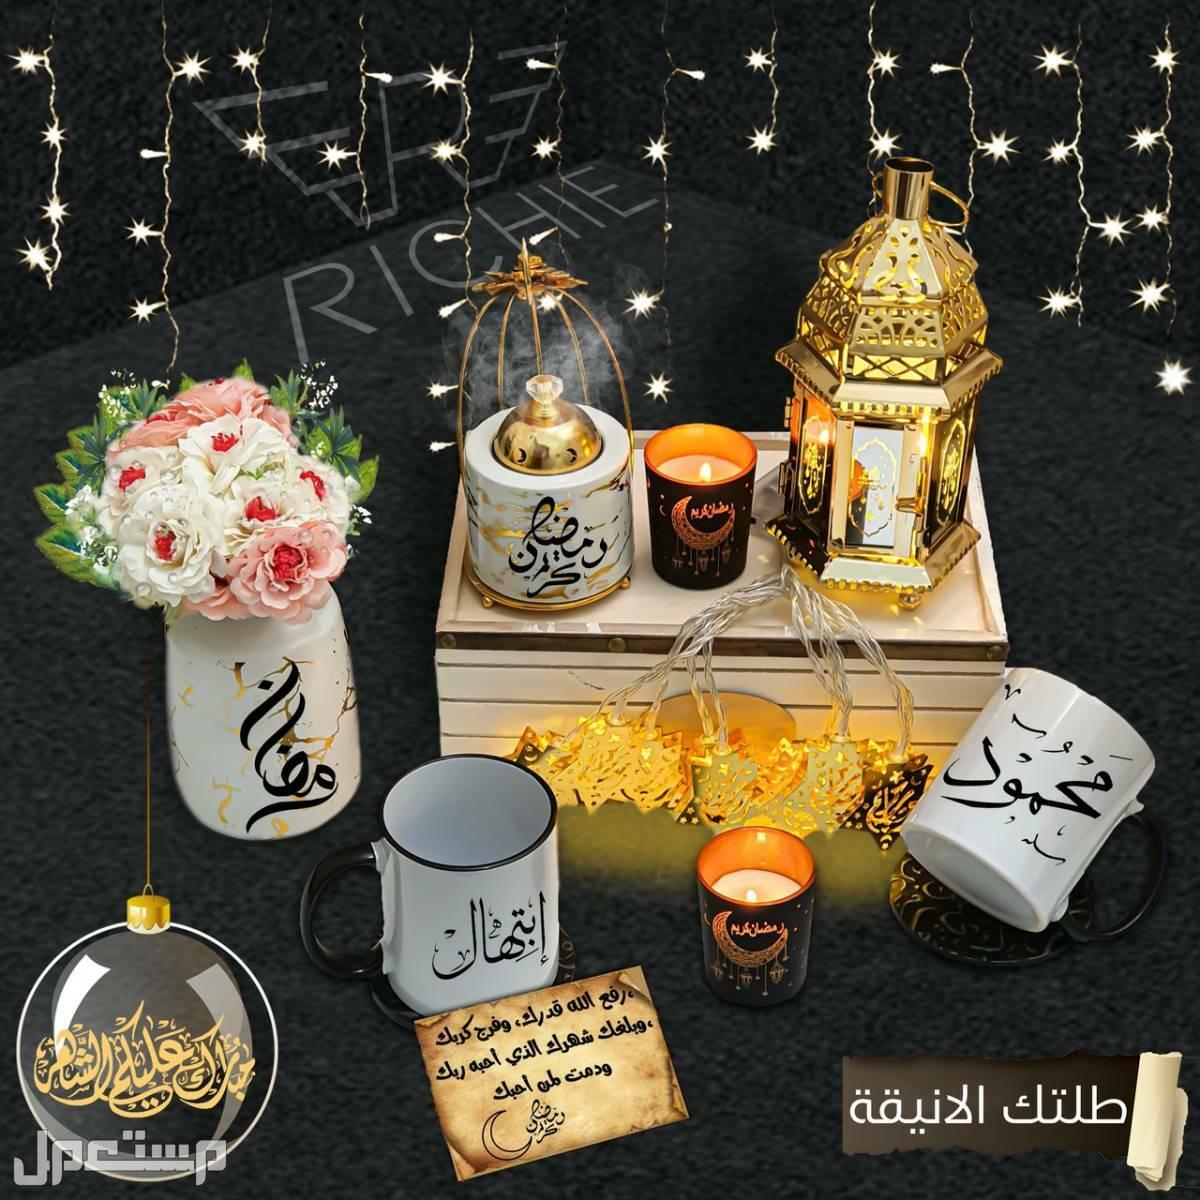 بكج رمضاني مميز لاهدا ملكي  # نشحن لجميع المدن